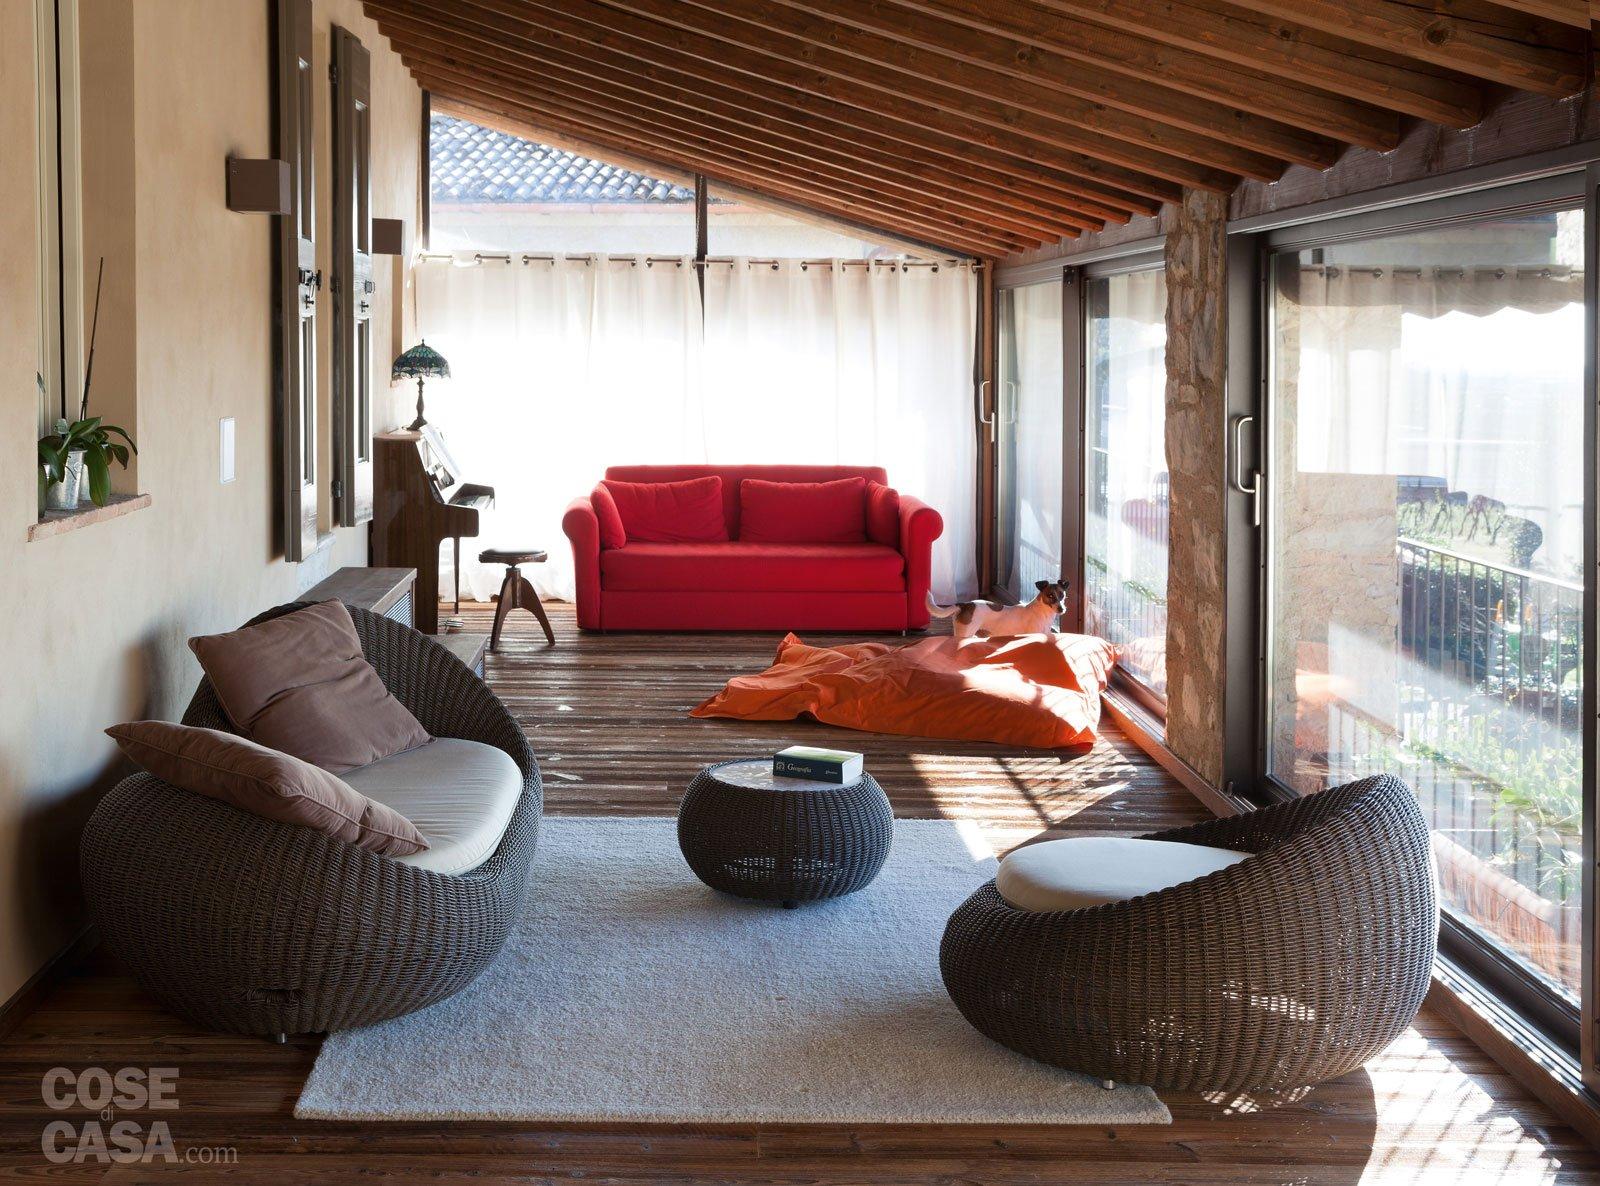 Una casa con ambienti moderni a sfondo rustico cose di casa for Arredamento per piccoli ambienti